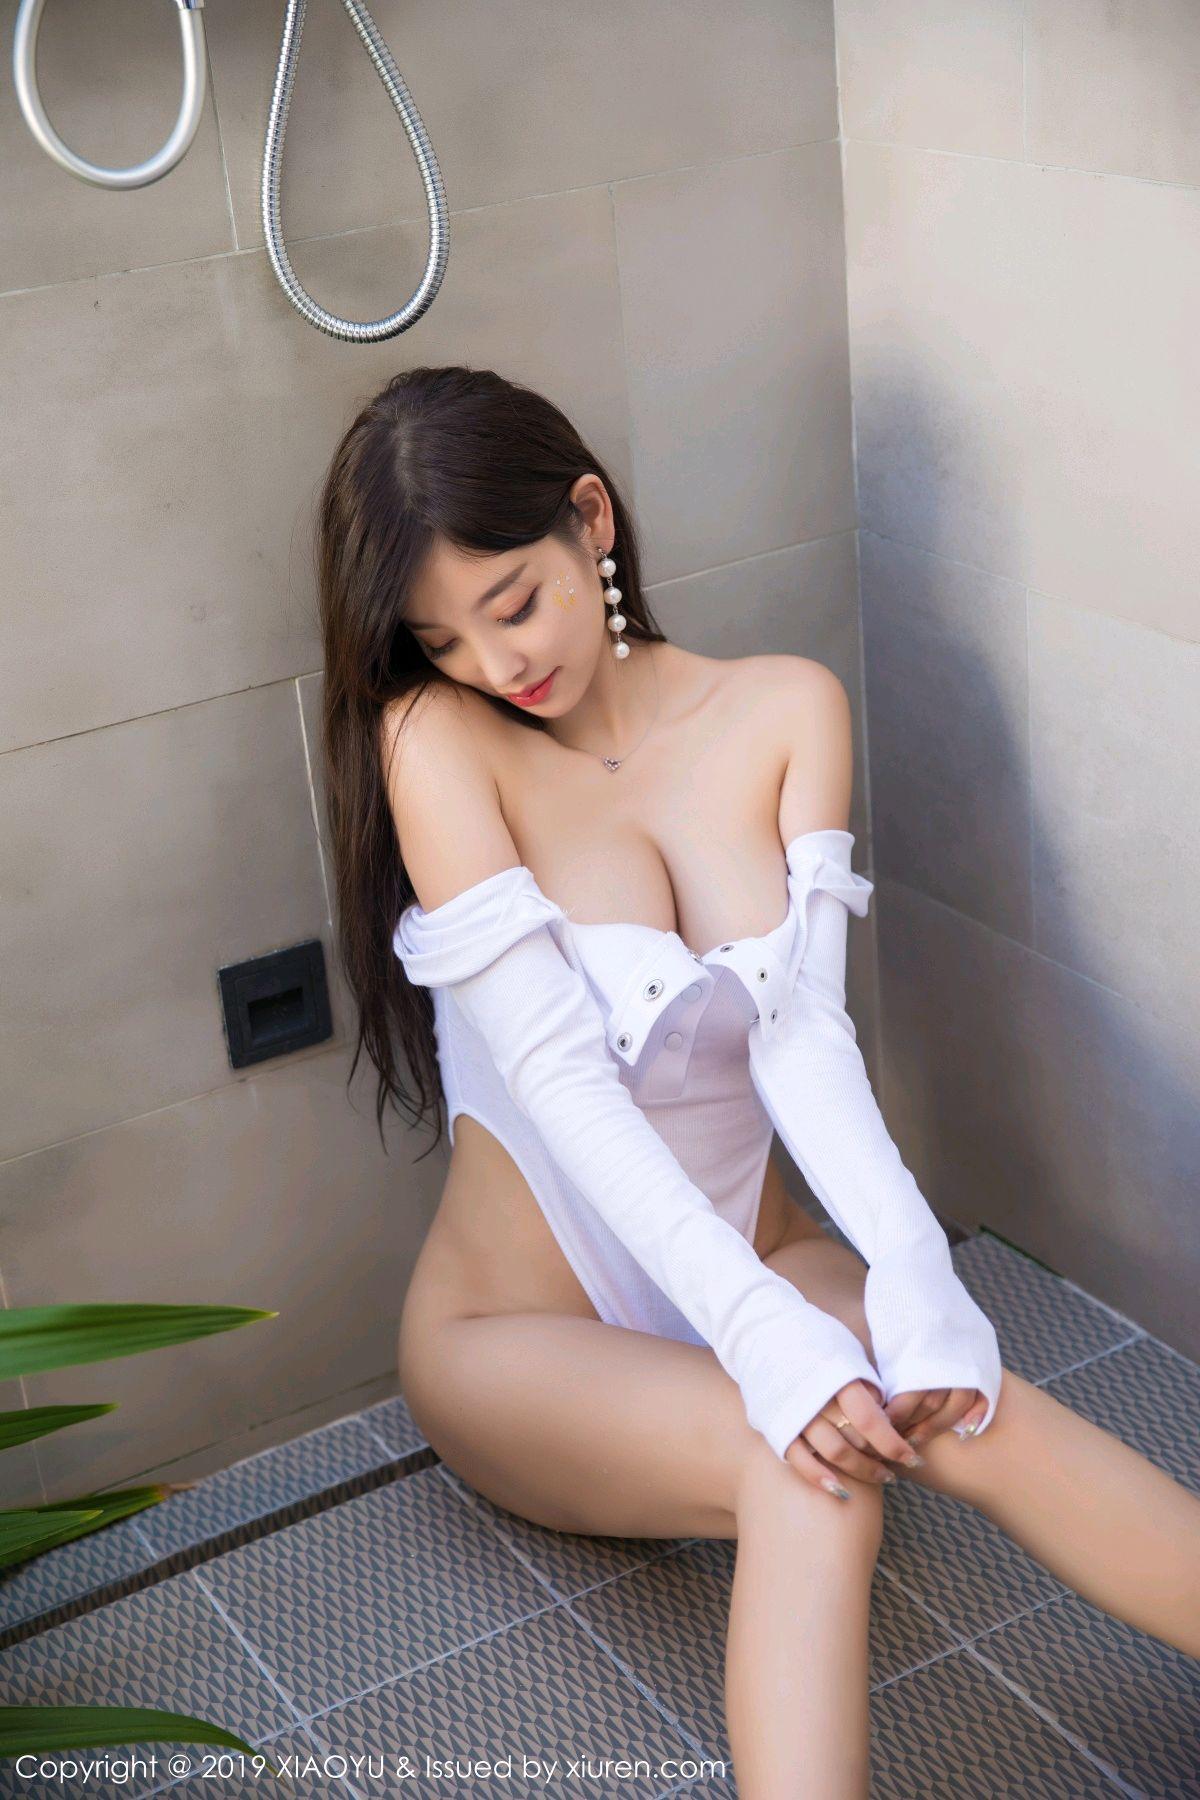 [XiaoYu] Vol.081 Yang Chen Chen 36P, Swim Pool, Wet, XiaoYu, Yang Chen Chen